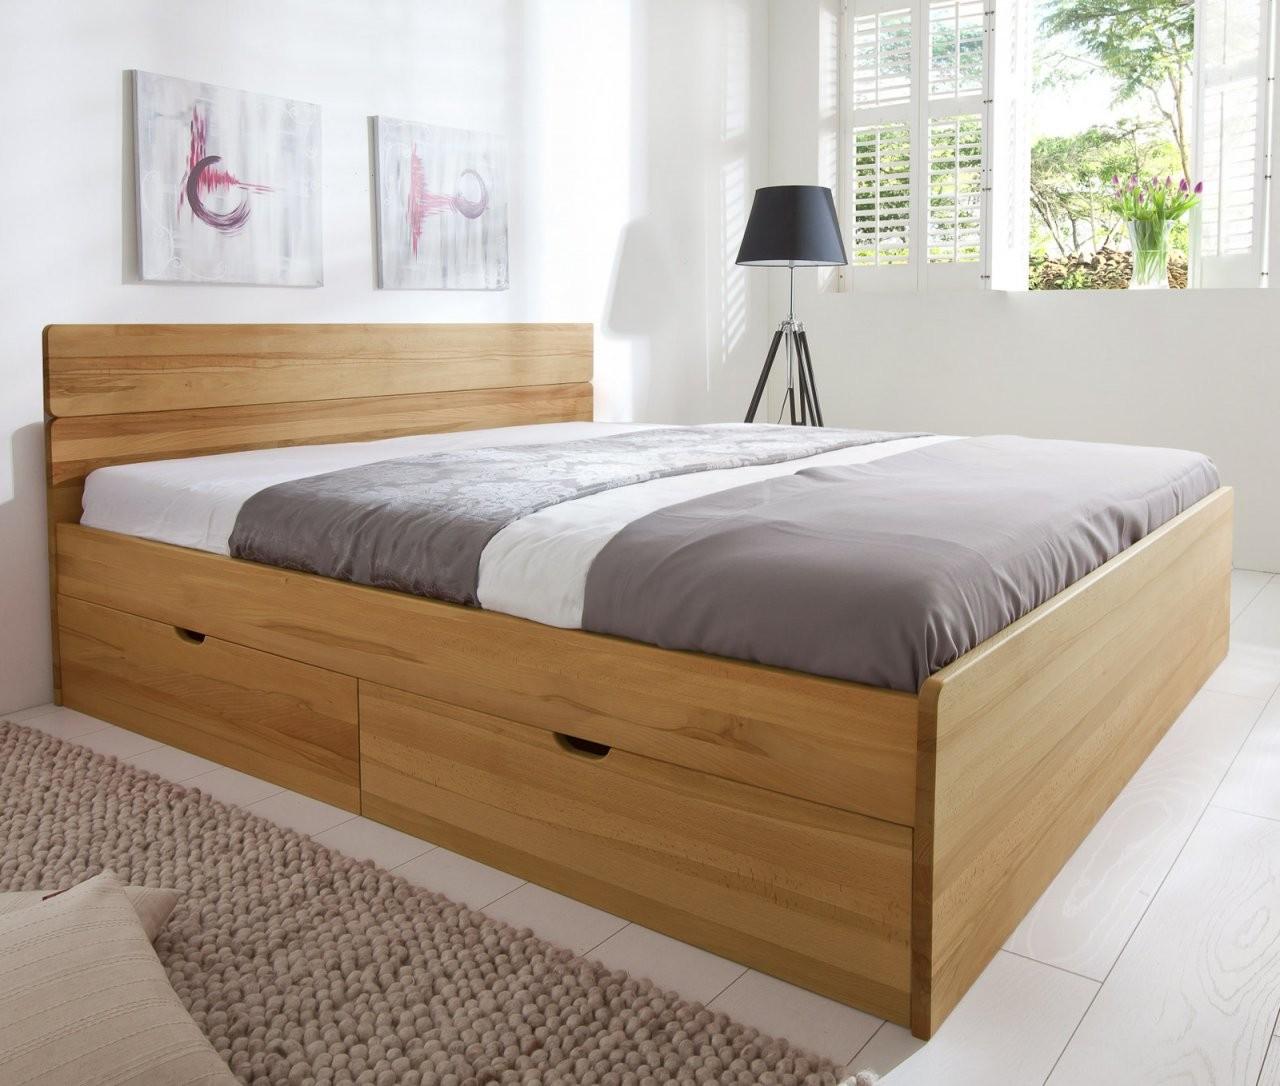 Betten Mit Stauraum  Stauraumbetten Günstig Kaufen  Betten von Bett Mit Aufbewahrung 140X200 Bild